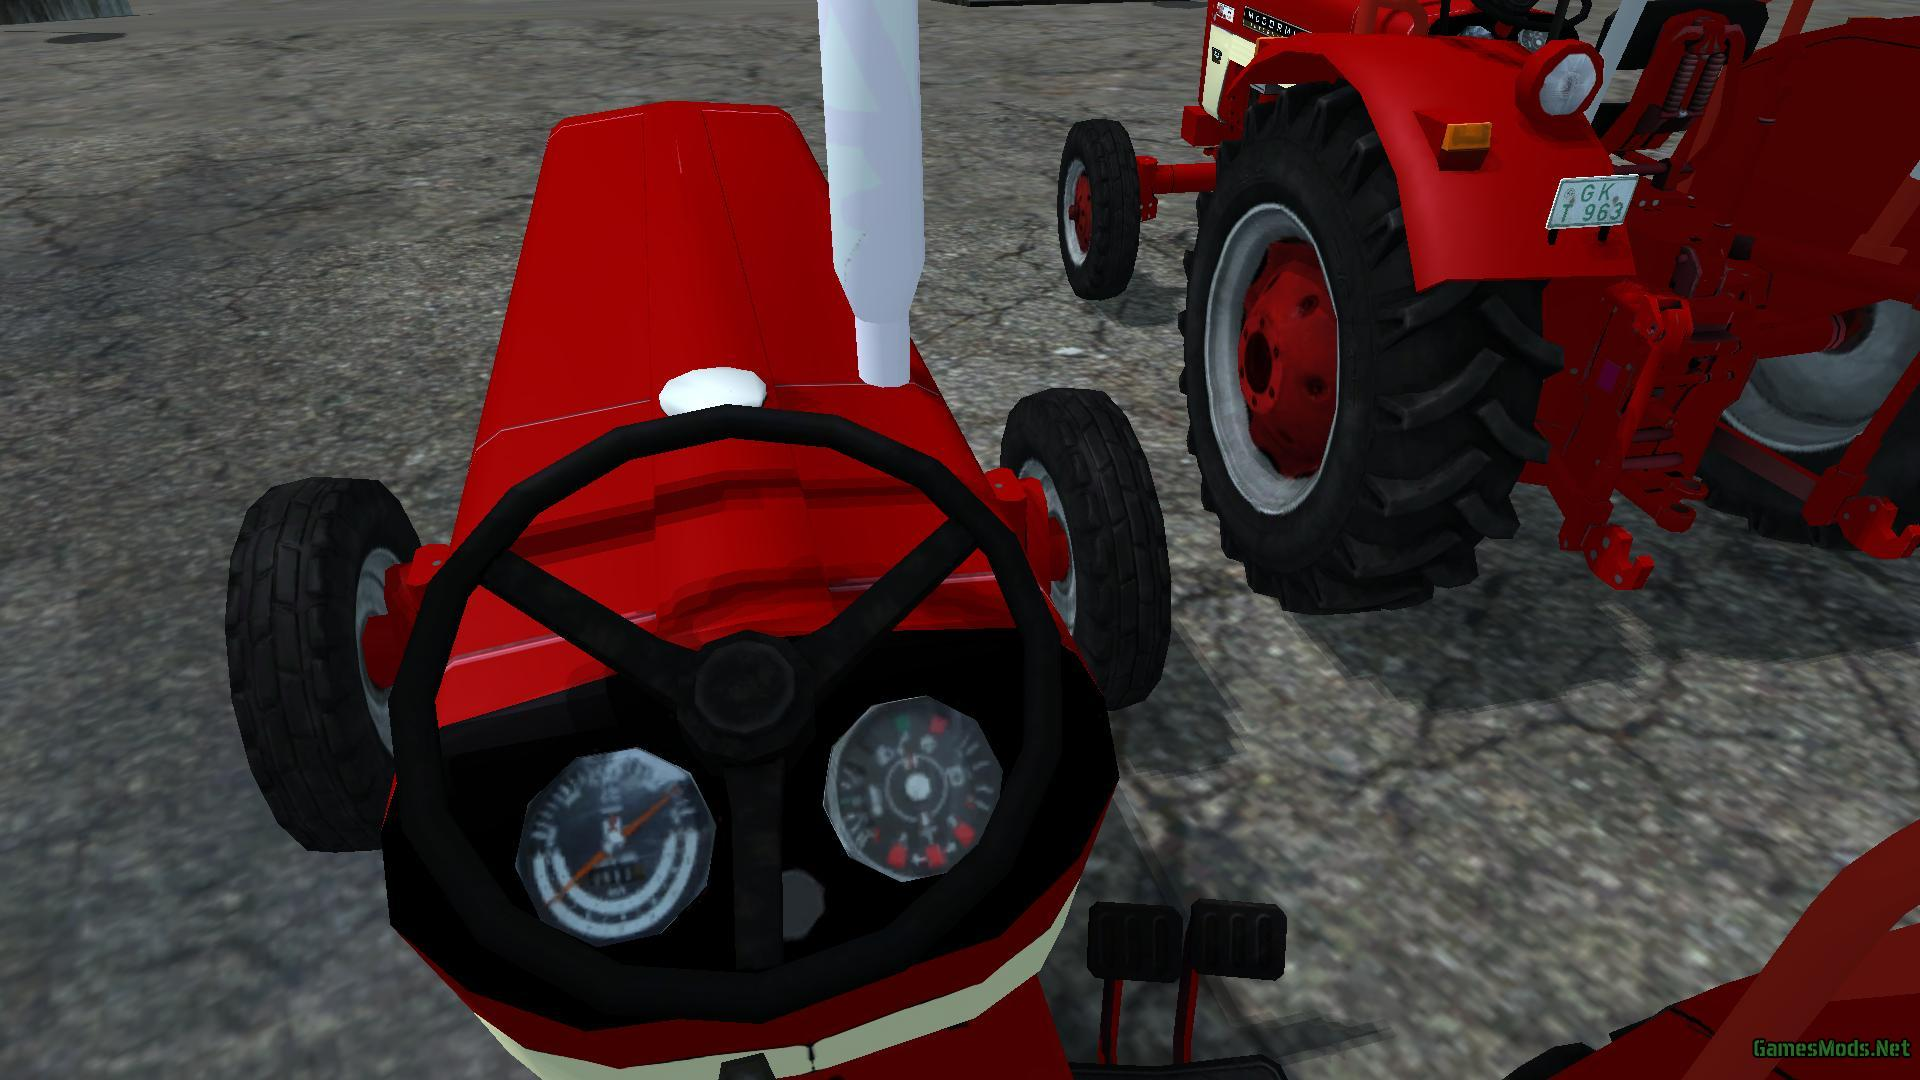 Euro truck simulator 2 o comeccedilo 1 - 1 4